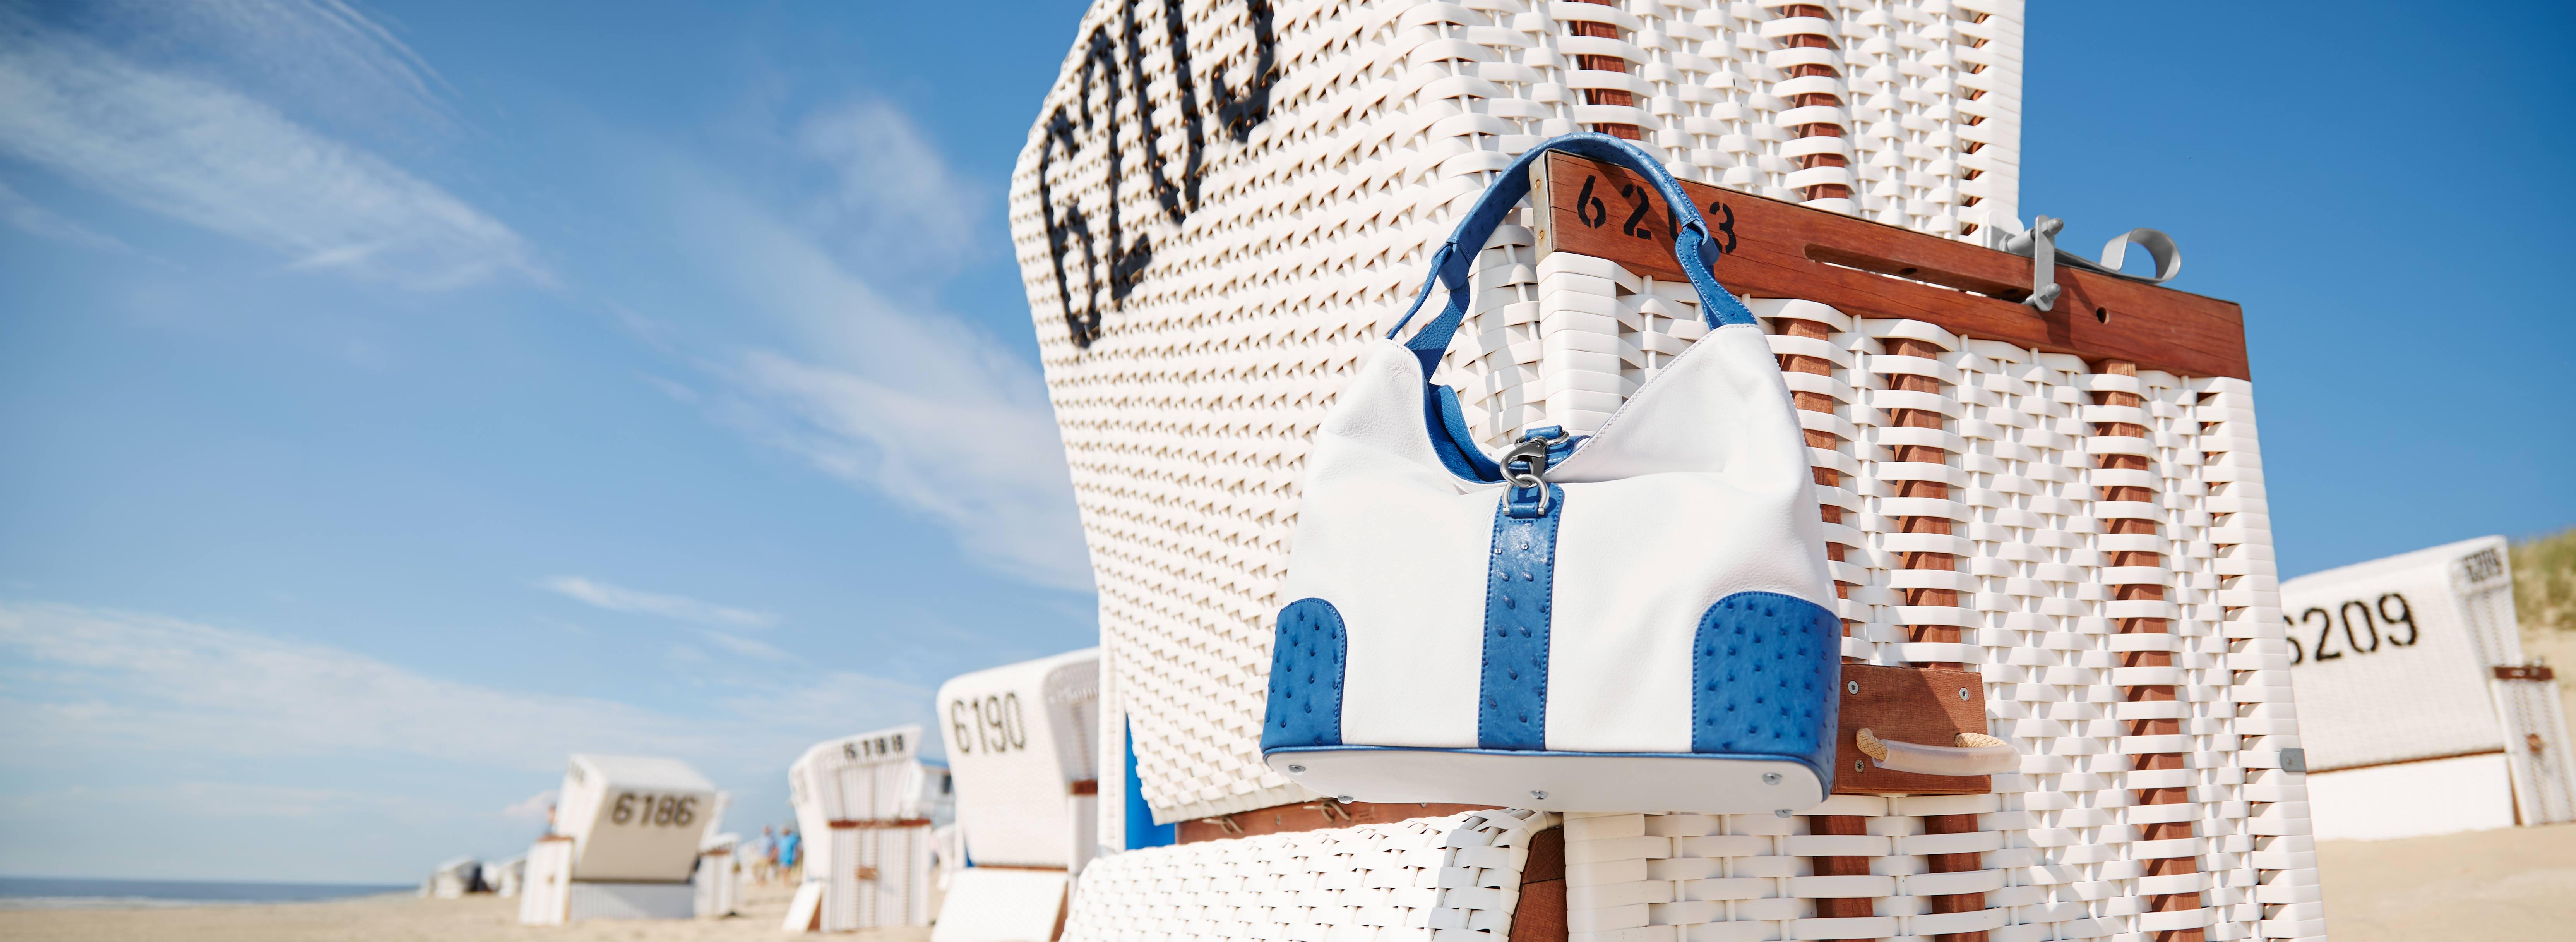 handtasche-straussenleder-kabo-summerbag_clemaris_lifestyle-sylt-strandkorb_websitestarter_web_lang